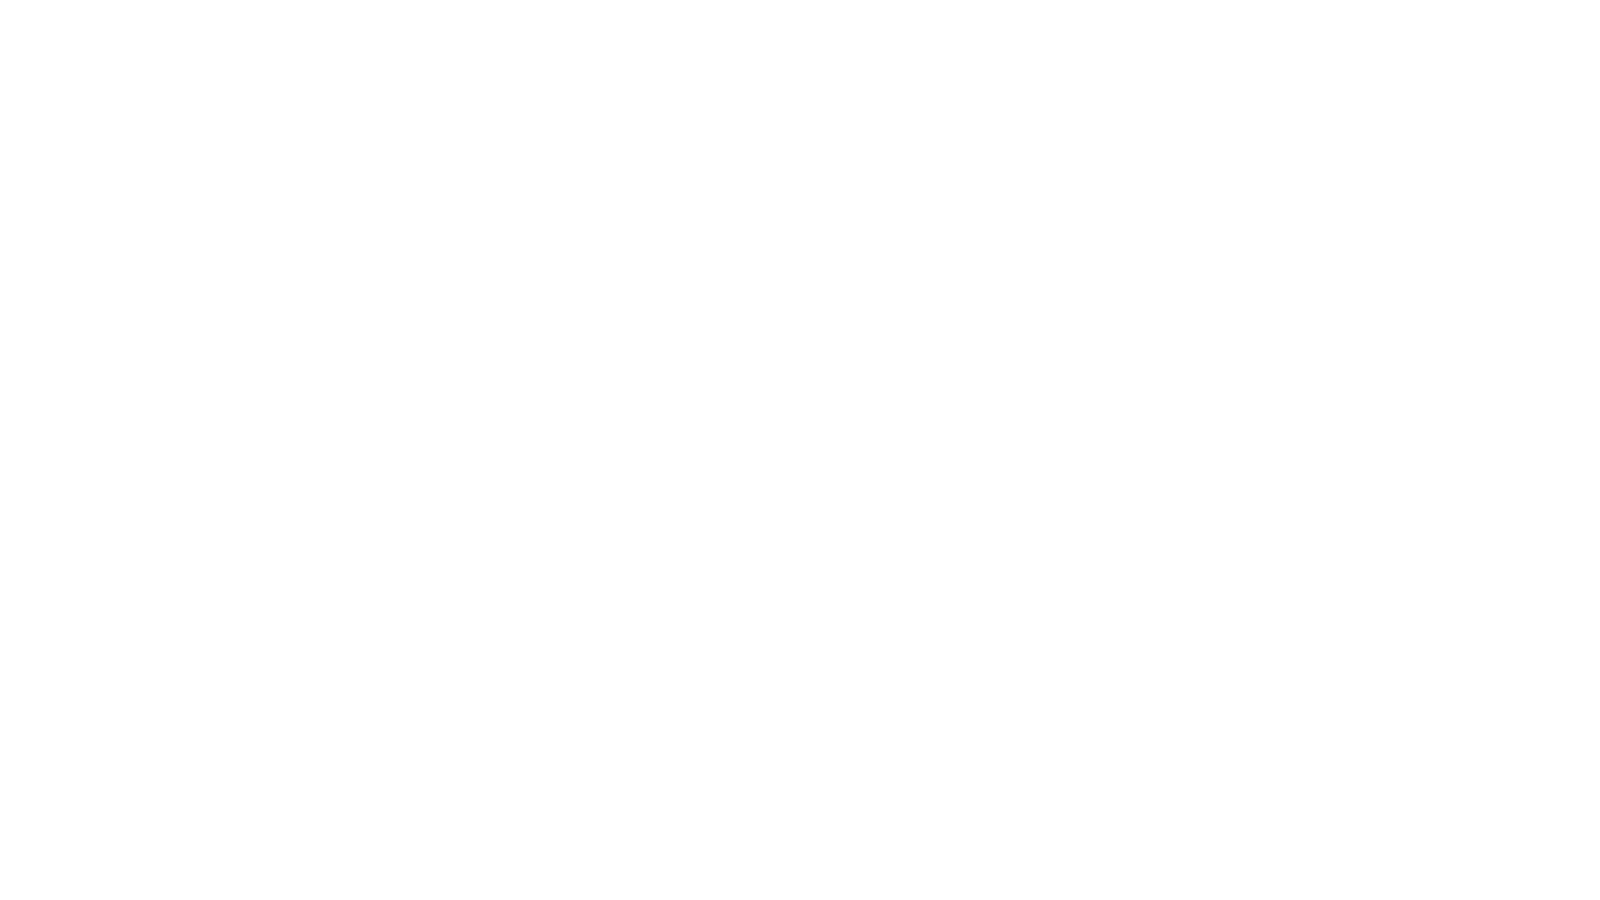 Genocidio y Modernidad: Una Mirada desde el Marxismo,, con Patricio brodsky. Charla viernes 30 de octubre -12 hrs.  Esta actividad será presentada por Paula Calderón Melnick (Filósofa y Académica de la Universidad de Chile) y está organizada en conjunto con el Centro de Estudios Judaicos de la Universidad de Chile y el Archivo Judío de Chile. Patricio Adrián Brodsky es académico de la Universidad de Buenos Aires, actualmente se encuentra cursando el doctorado en Ciencias Sociales de la Universidad Nacional de General Sarmiento y del Instituto de Desarrollo Económico, y ha trabajado para la AMIA, la DAIA, la OSA y el Museo del Holocausto de Buenos Aires.